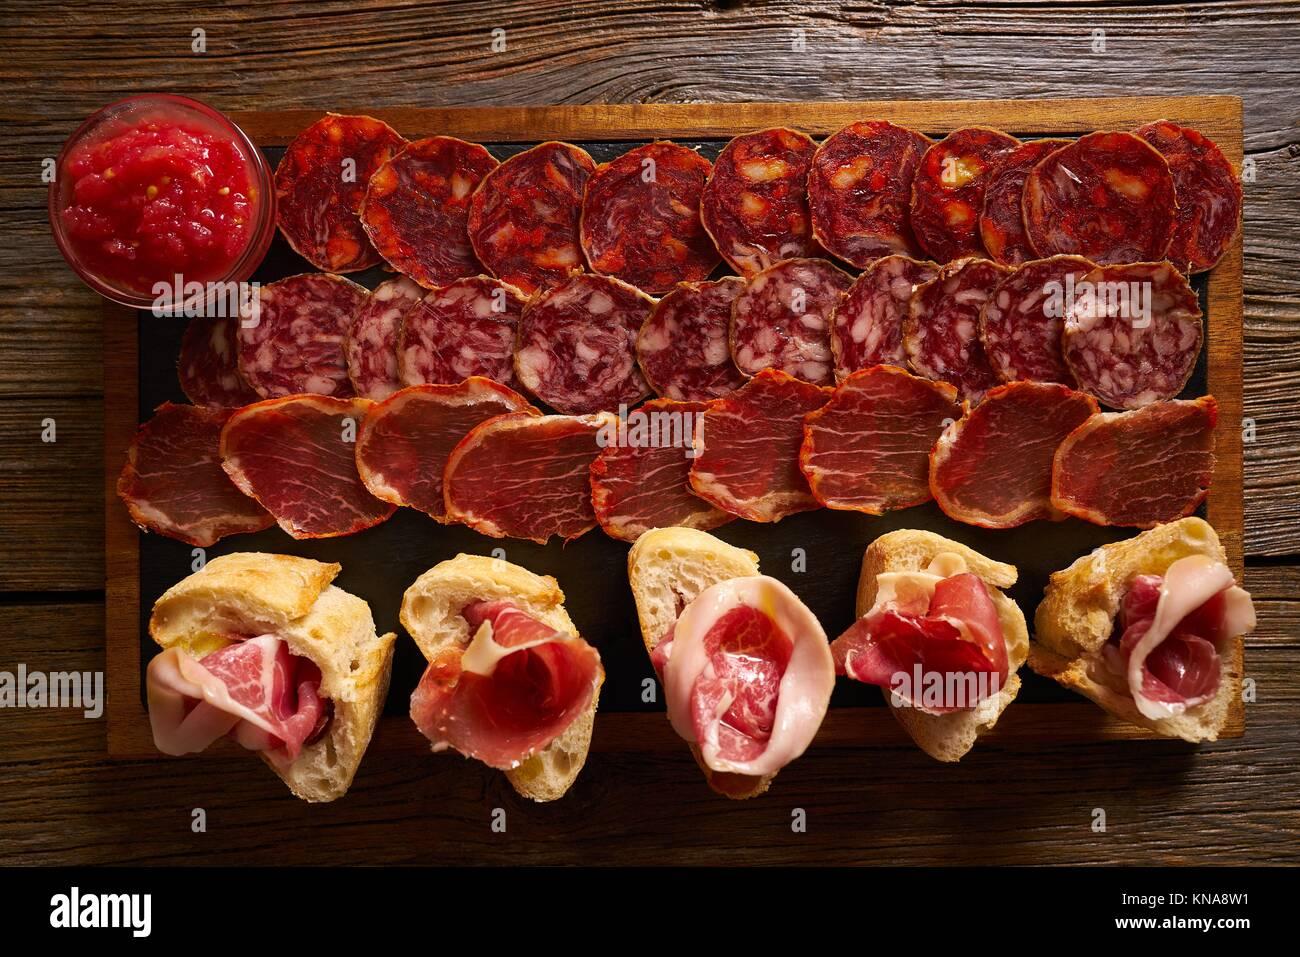 Les saucisses et le jambon ibérique Tapas conseil d'Espagne. Photo Stock